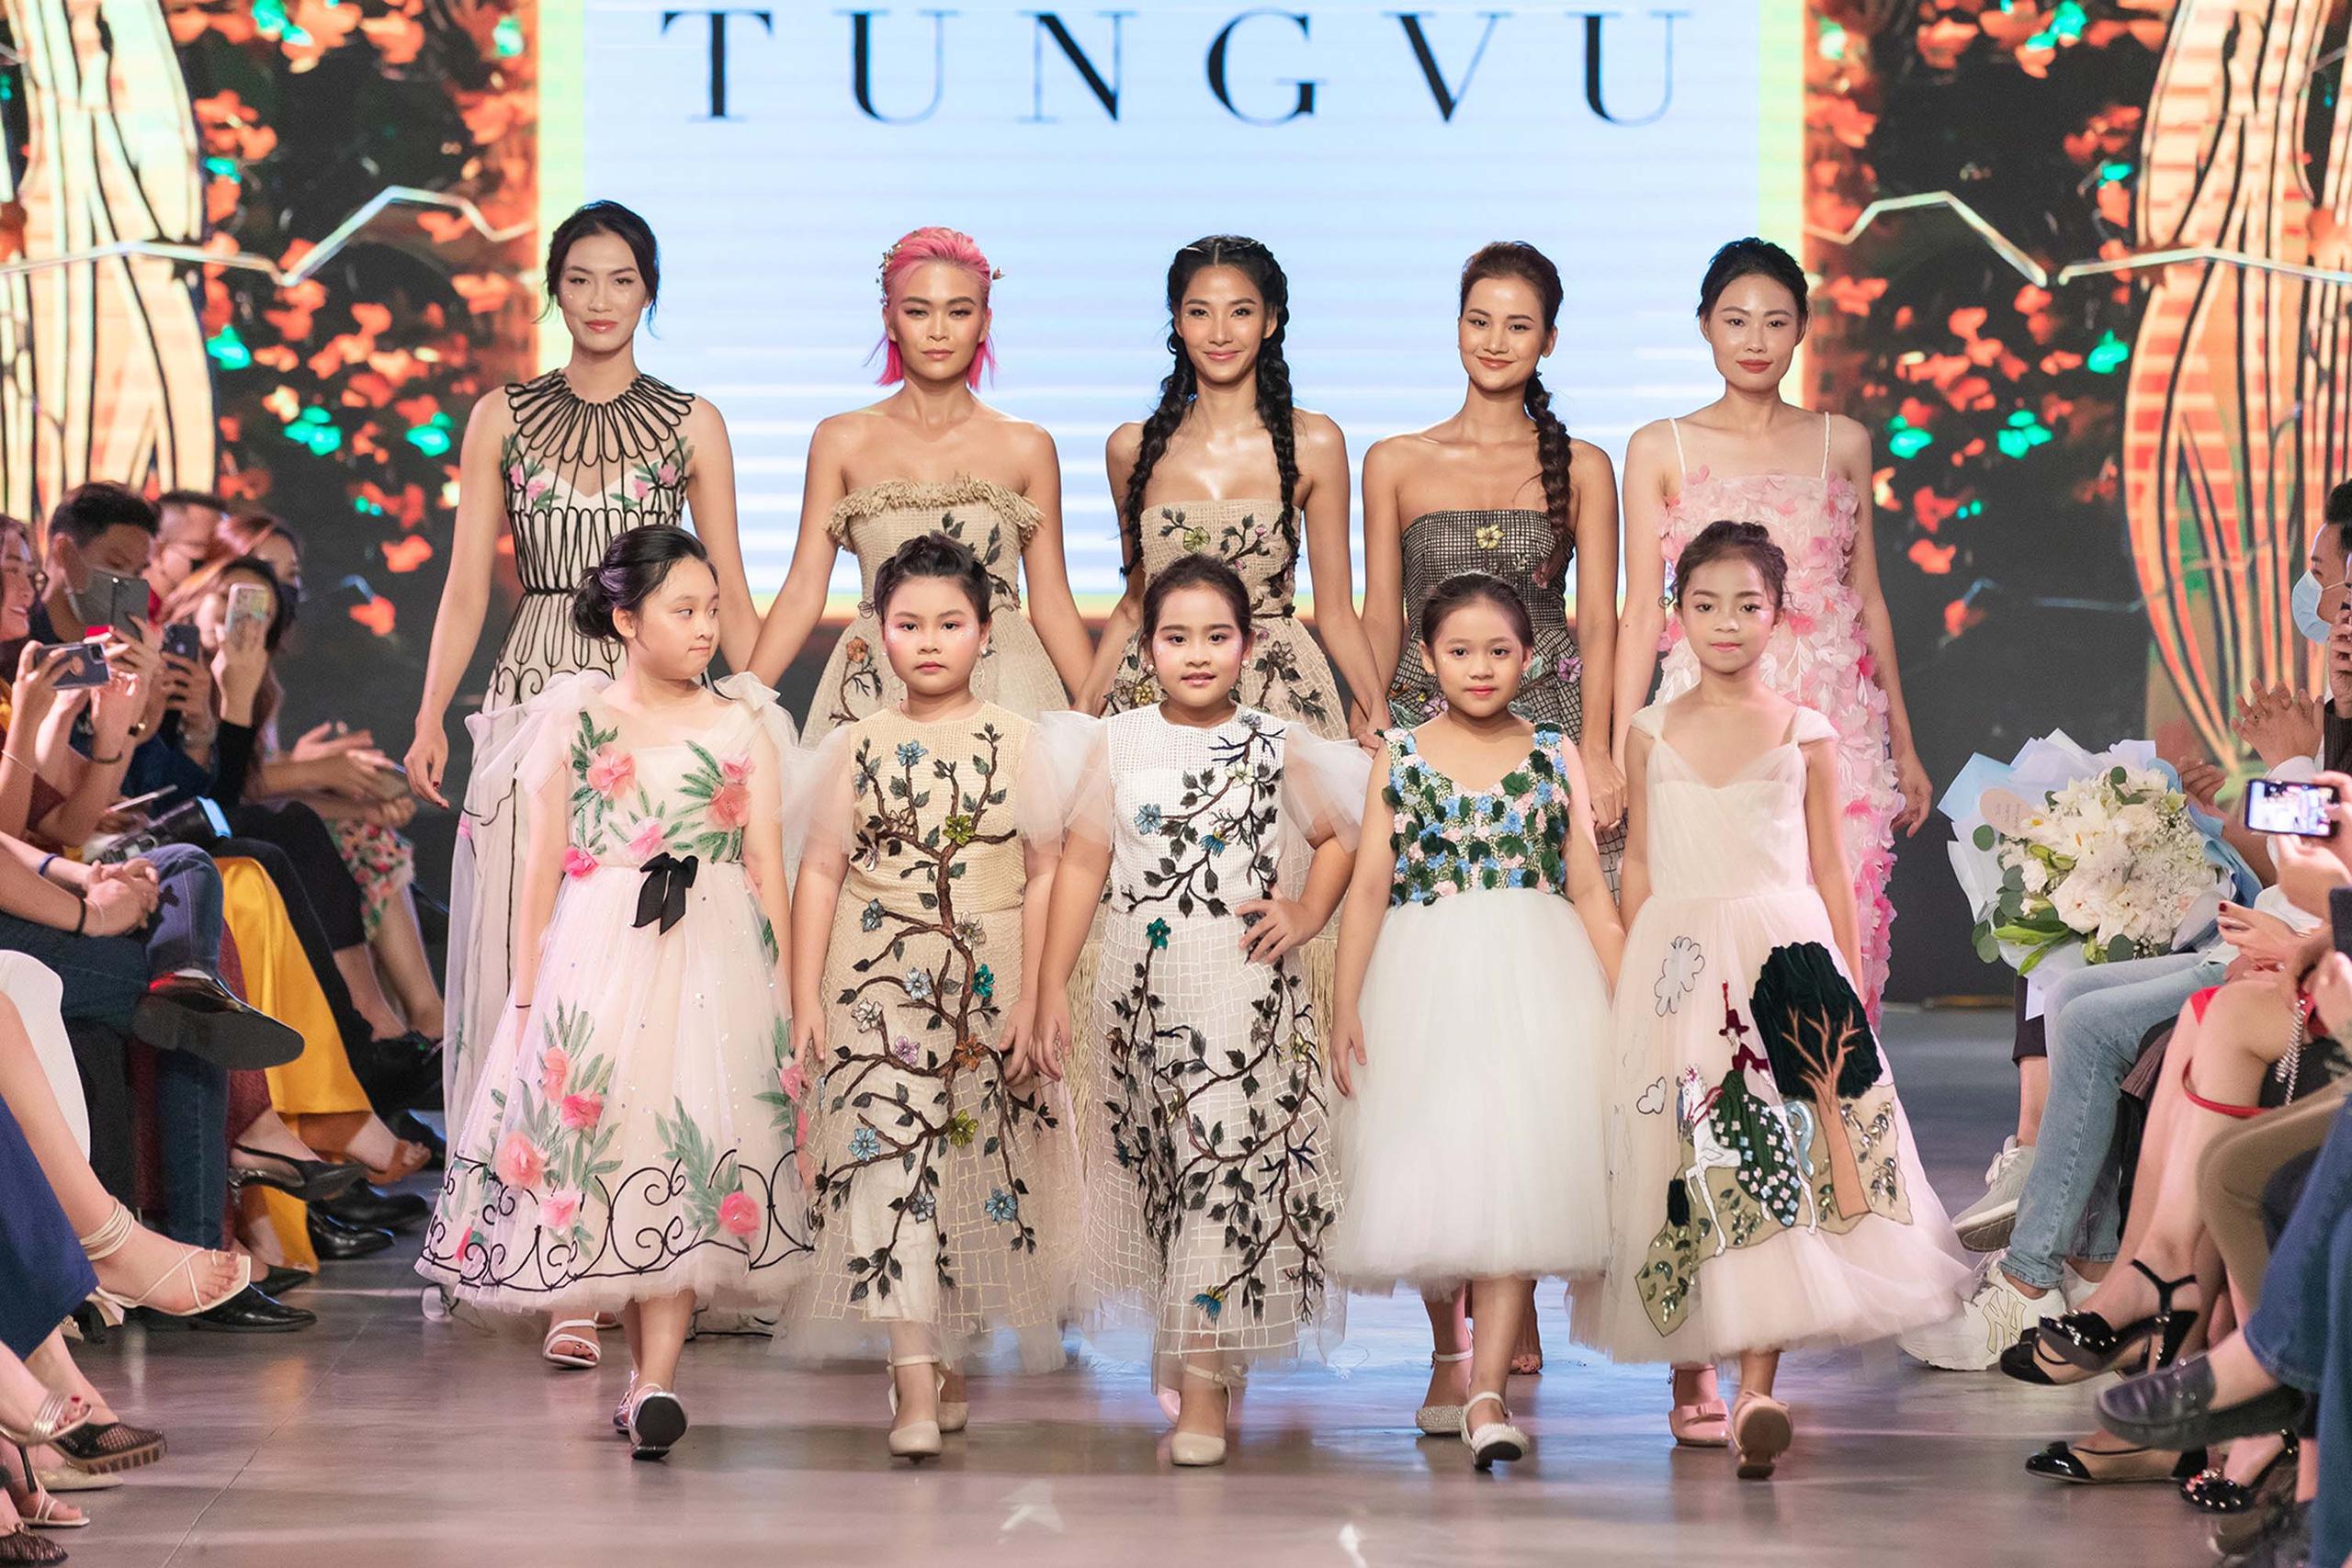 Mẫu nhí Bảo Hà trình diễn với trăn khổng lồ, Á hậu Thúy Vân vừa sinh xong đã diện ngay crop top táo bạo thách thức sàn catwalk của Fashion Festival  - Ảnh 9.